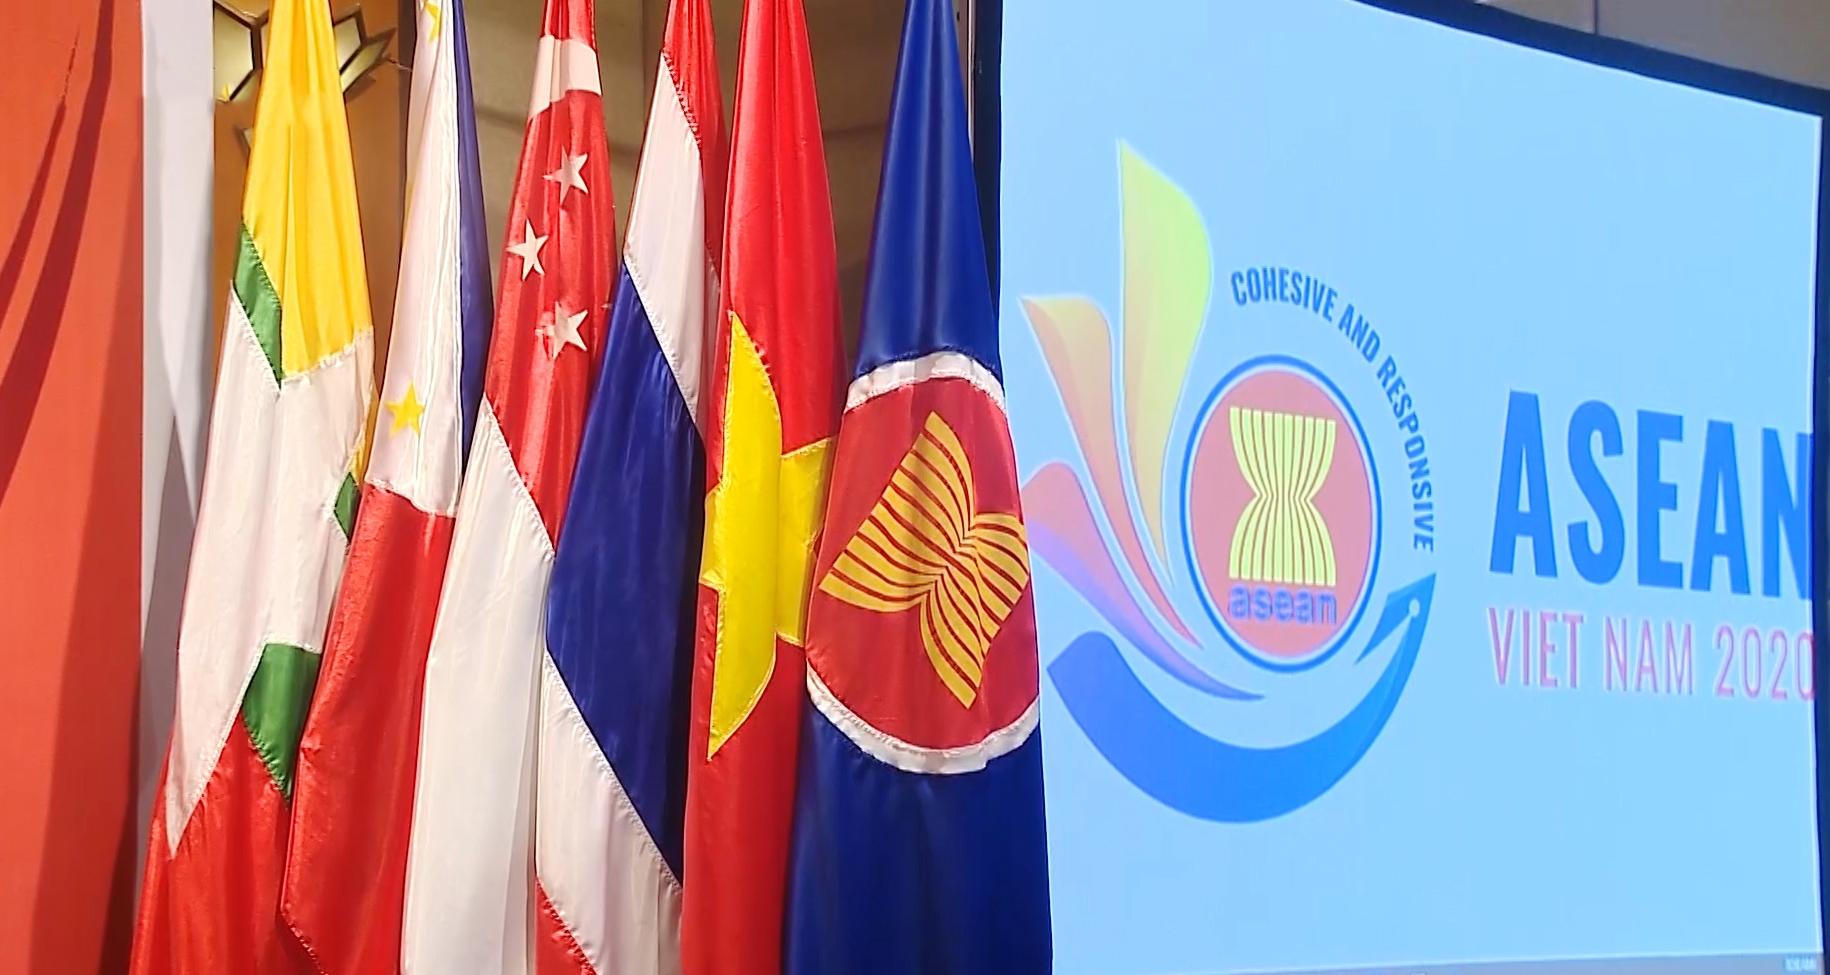 Chủ động, gắn kết kinh tế ASEAN trong bối cảnh mới